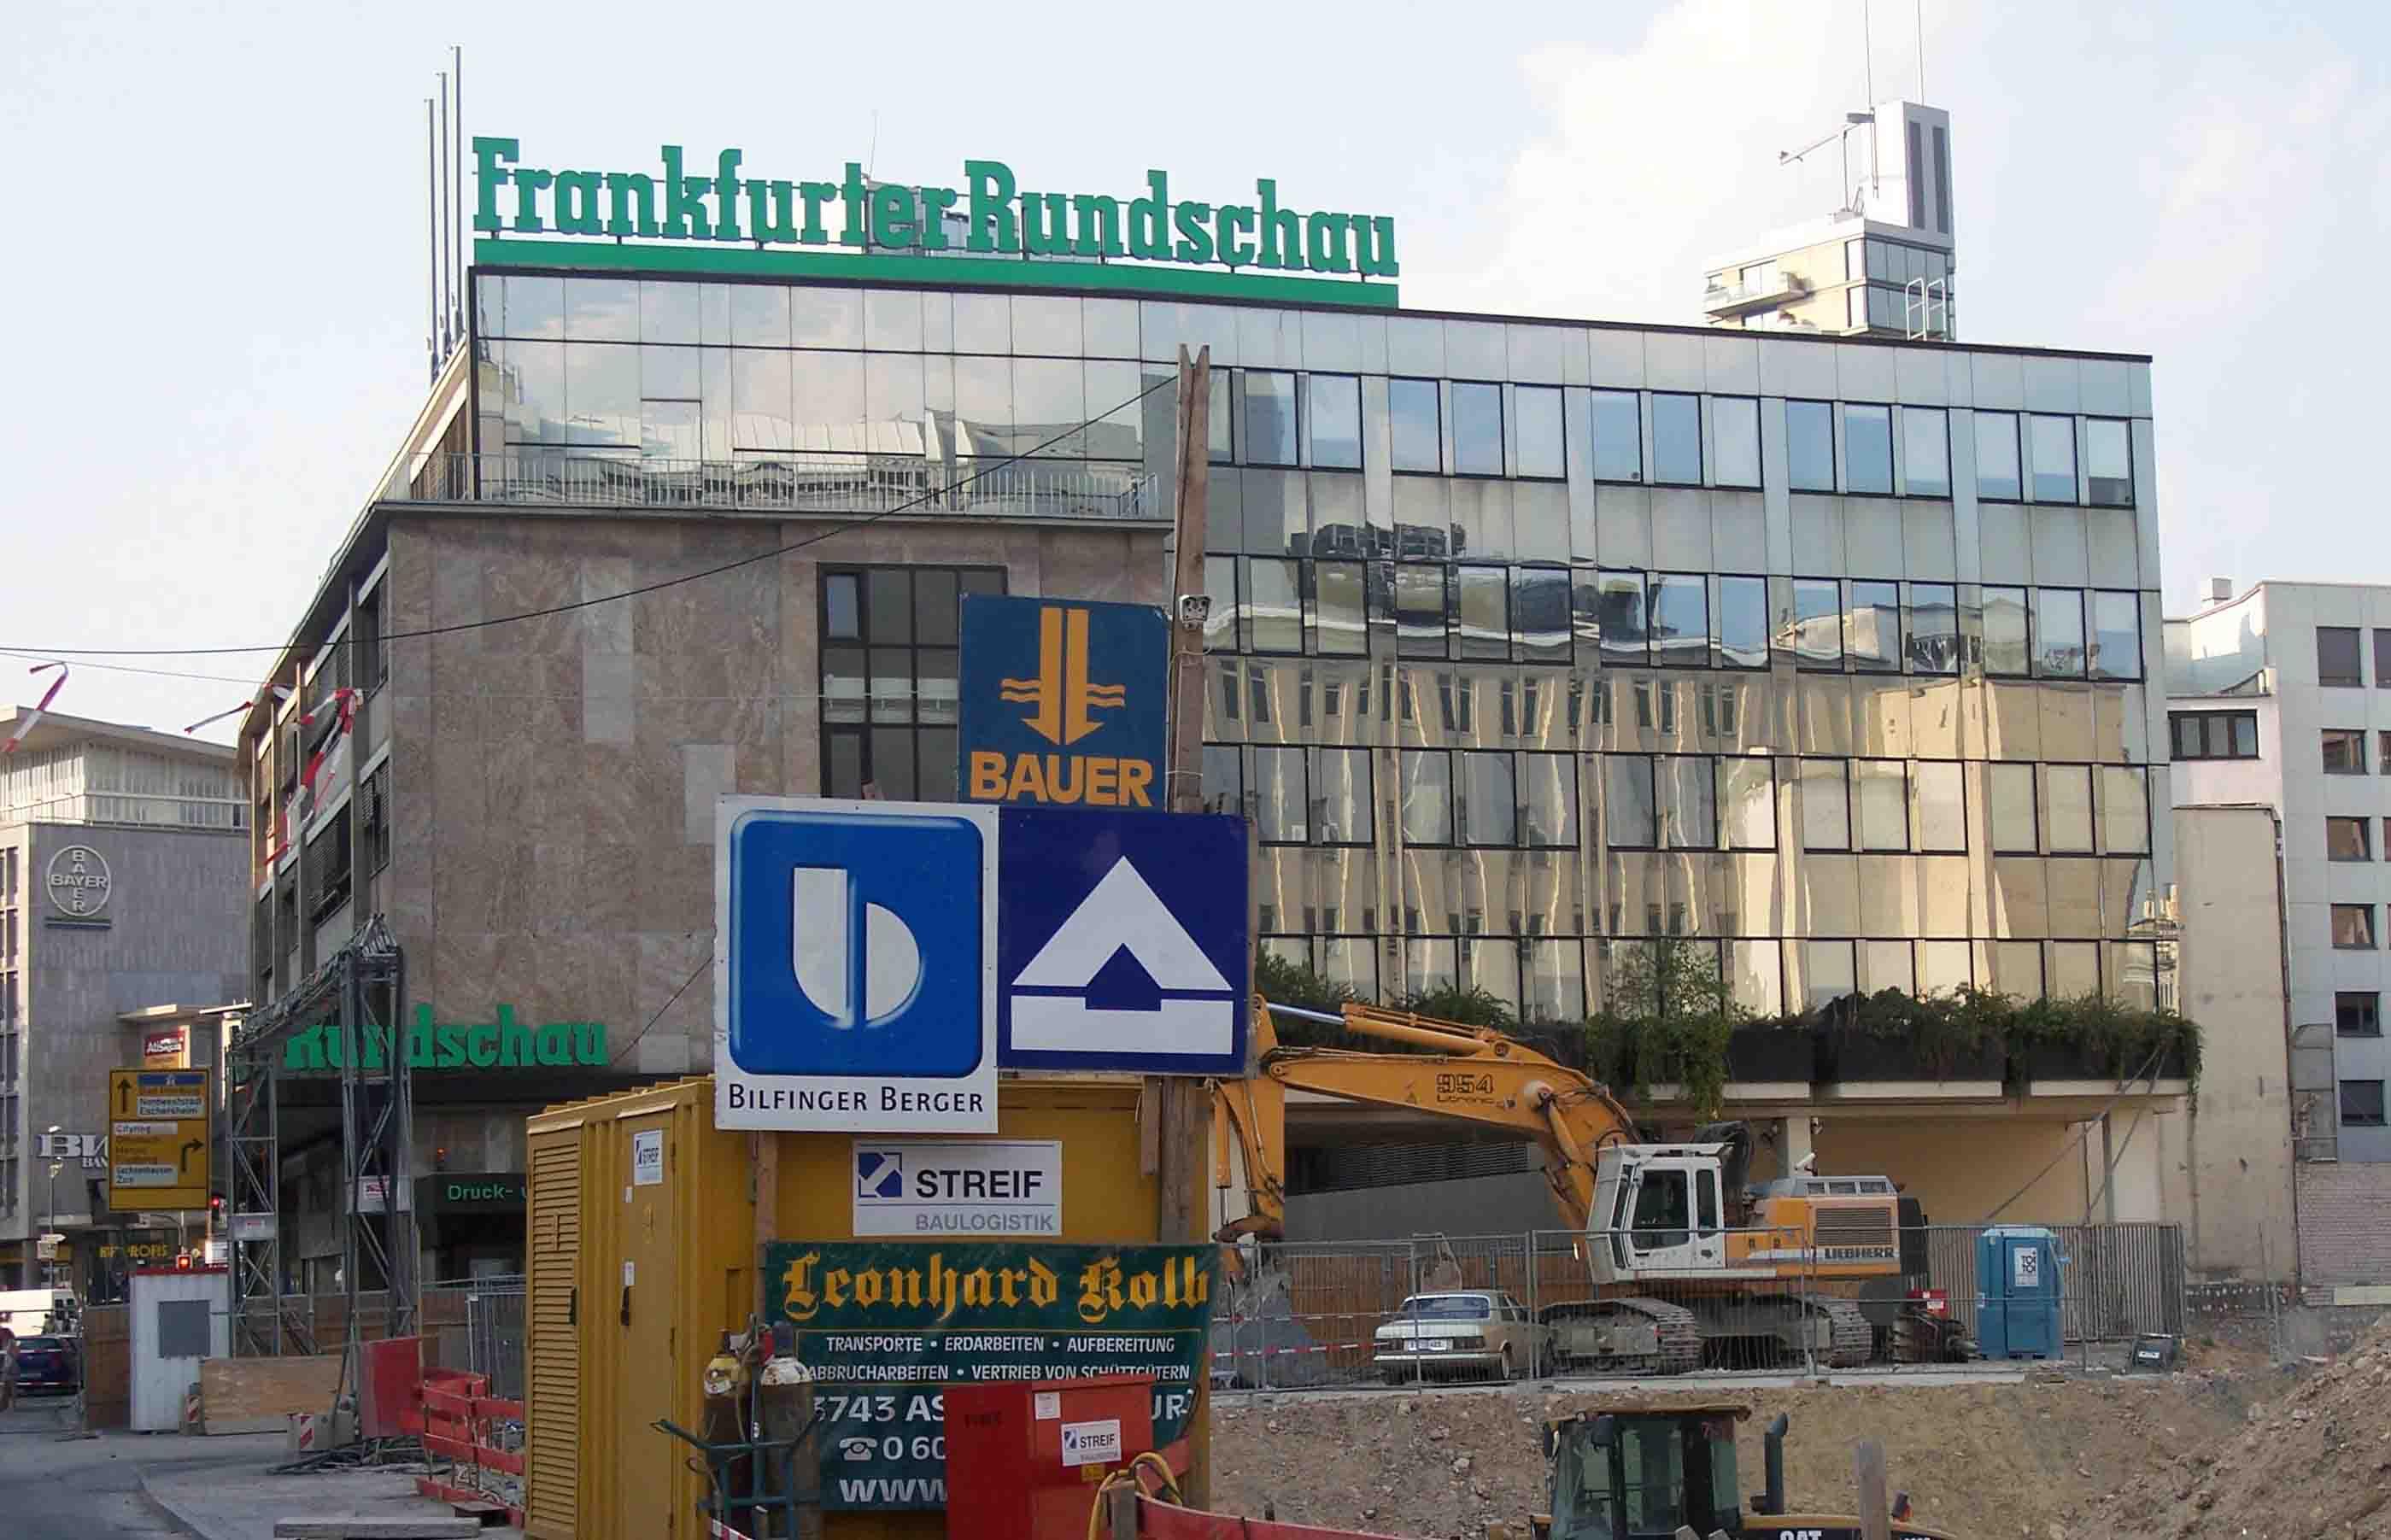 Frankfurter Rundschau, FR, Hof, Große Eschenheimer Straße, Frankfurt,  Jürgen Schultheis